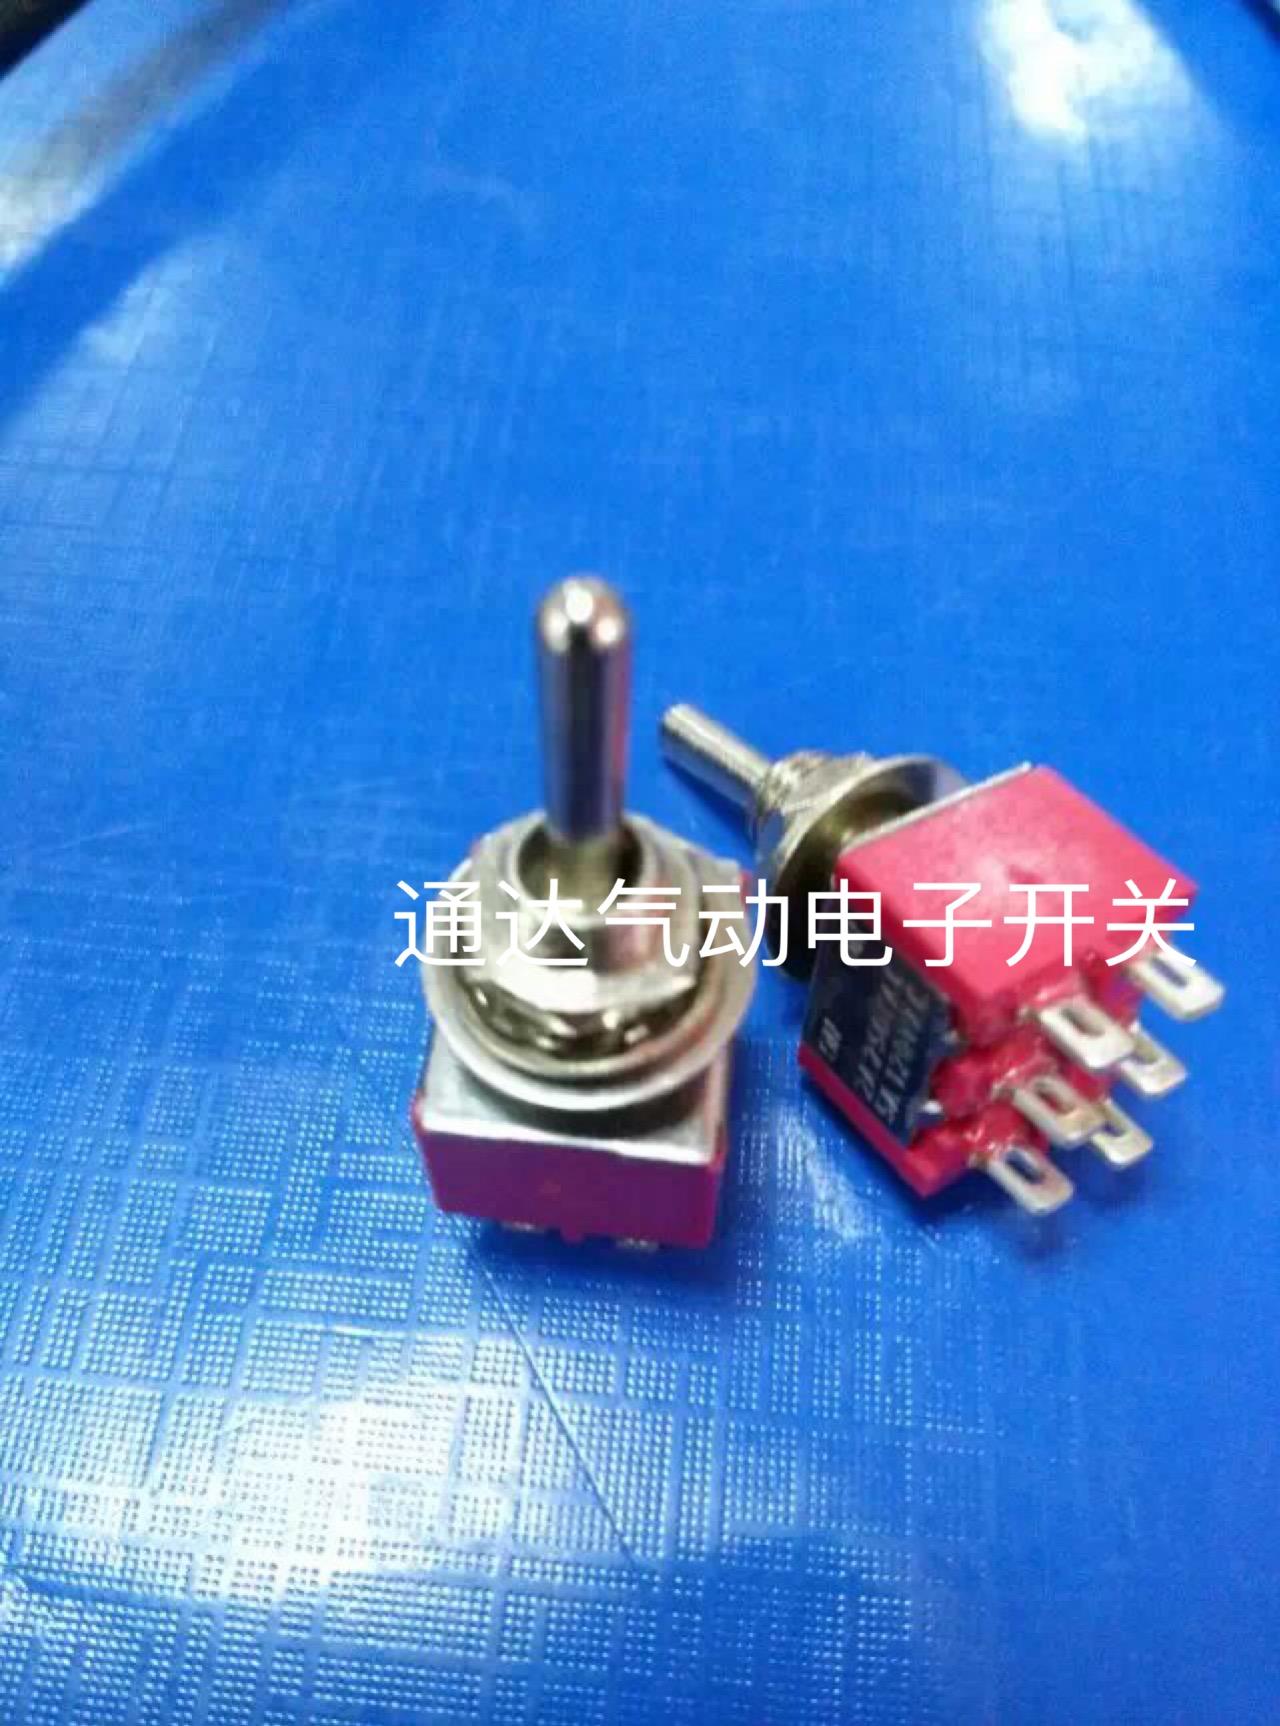 Ταϊβάν 6 πόδια το διακόπτη, 6 πόδια 2 μετάβαση. 3A250V κουμπί διακόπτη διπλής ενέργειας τράβα τον διακόπτη